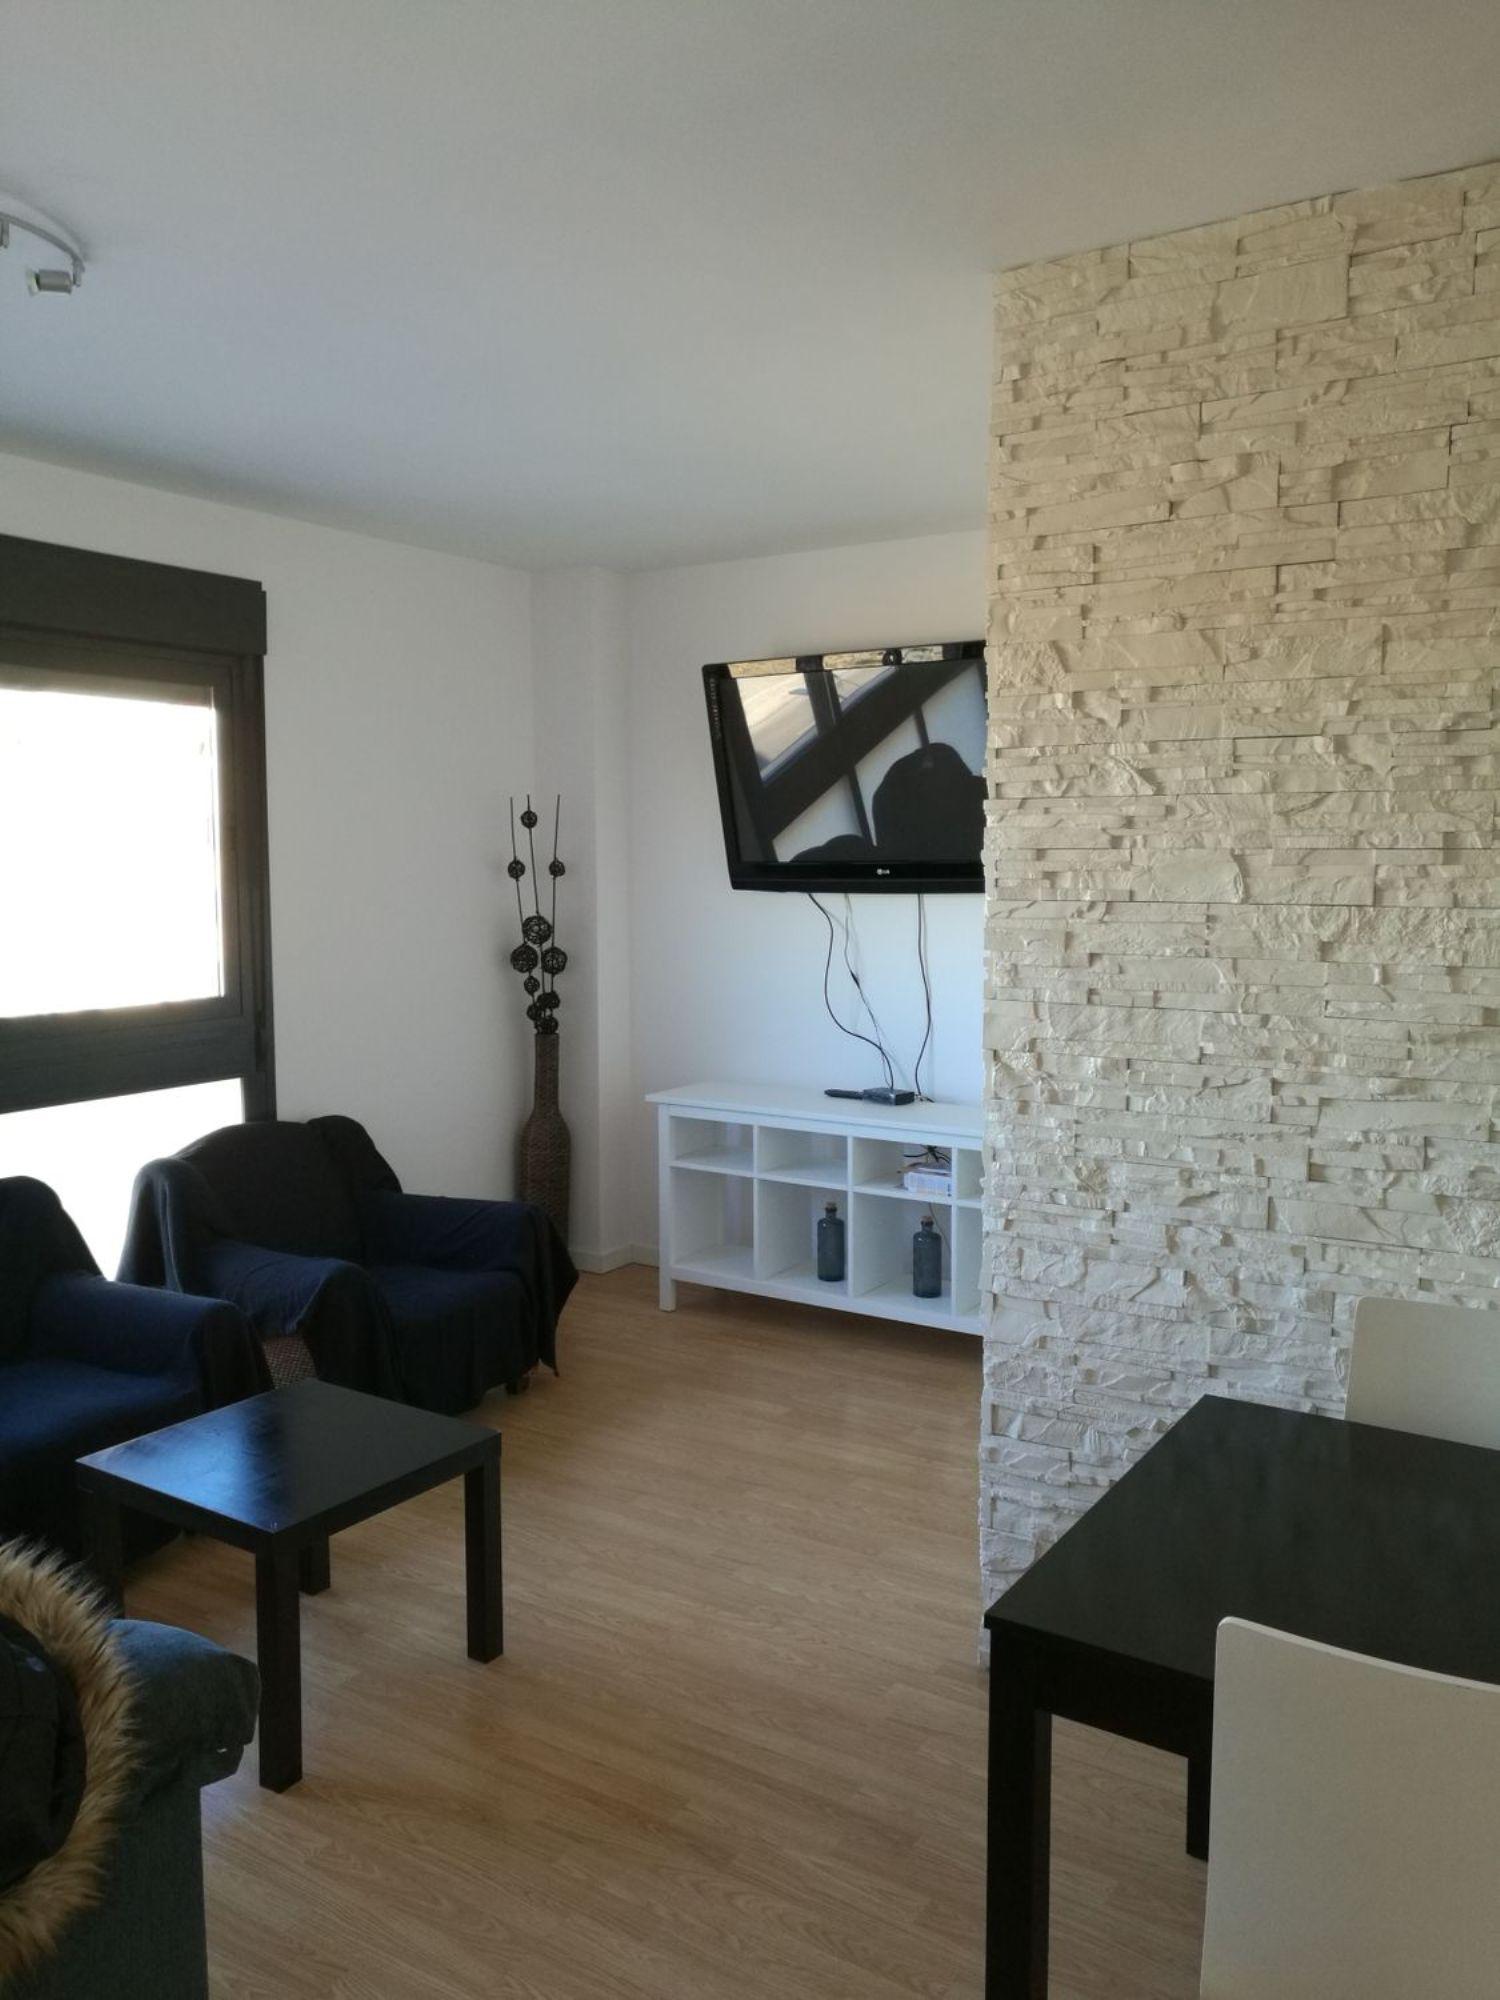 Pisos en alquiler sanchinarro trendy pisos en alquiler en madrid alquiler pisos calle - Piso en sanchinarro ...